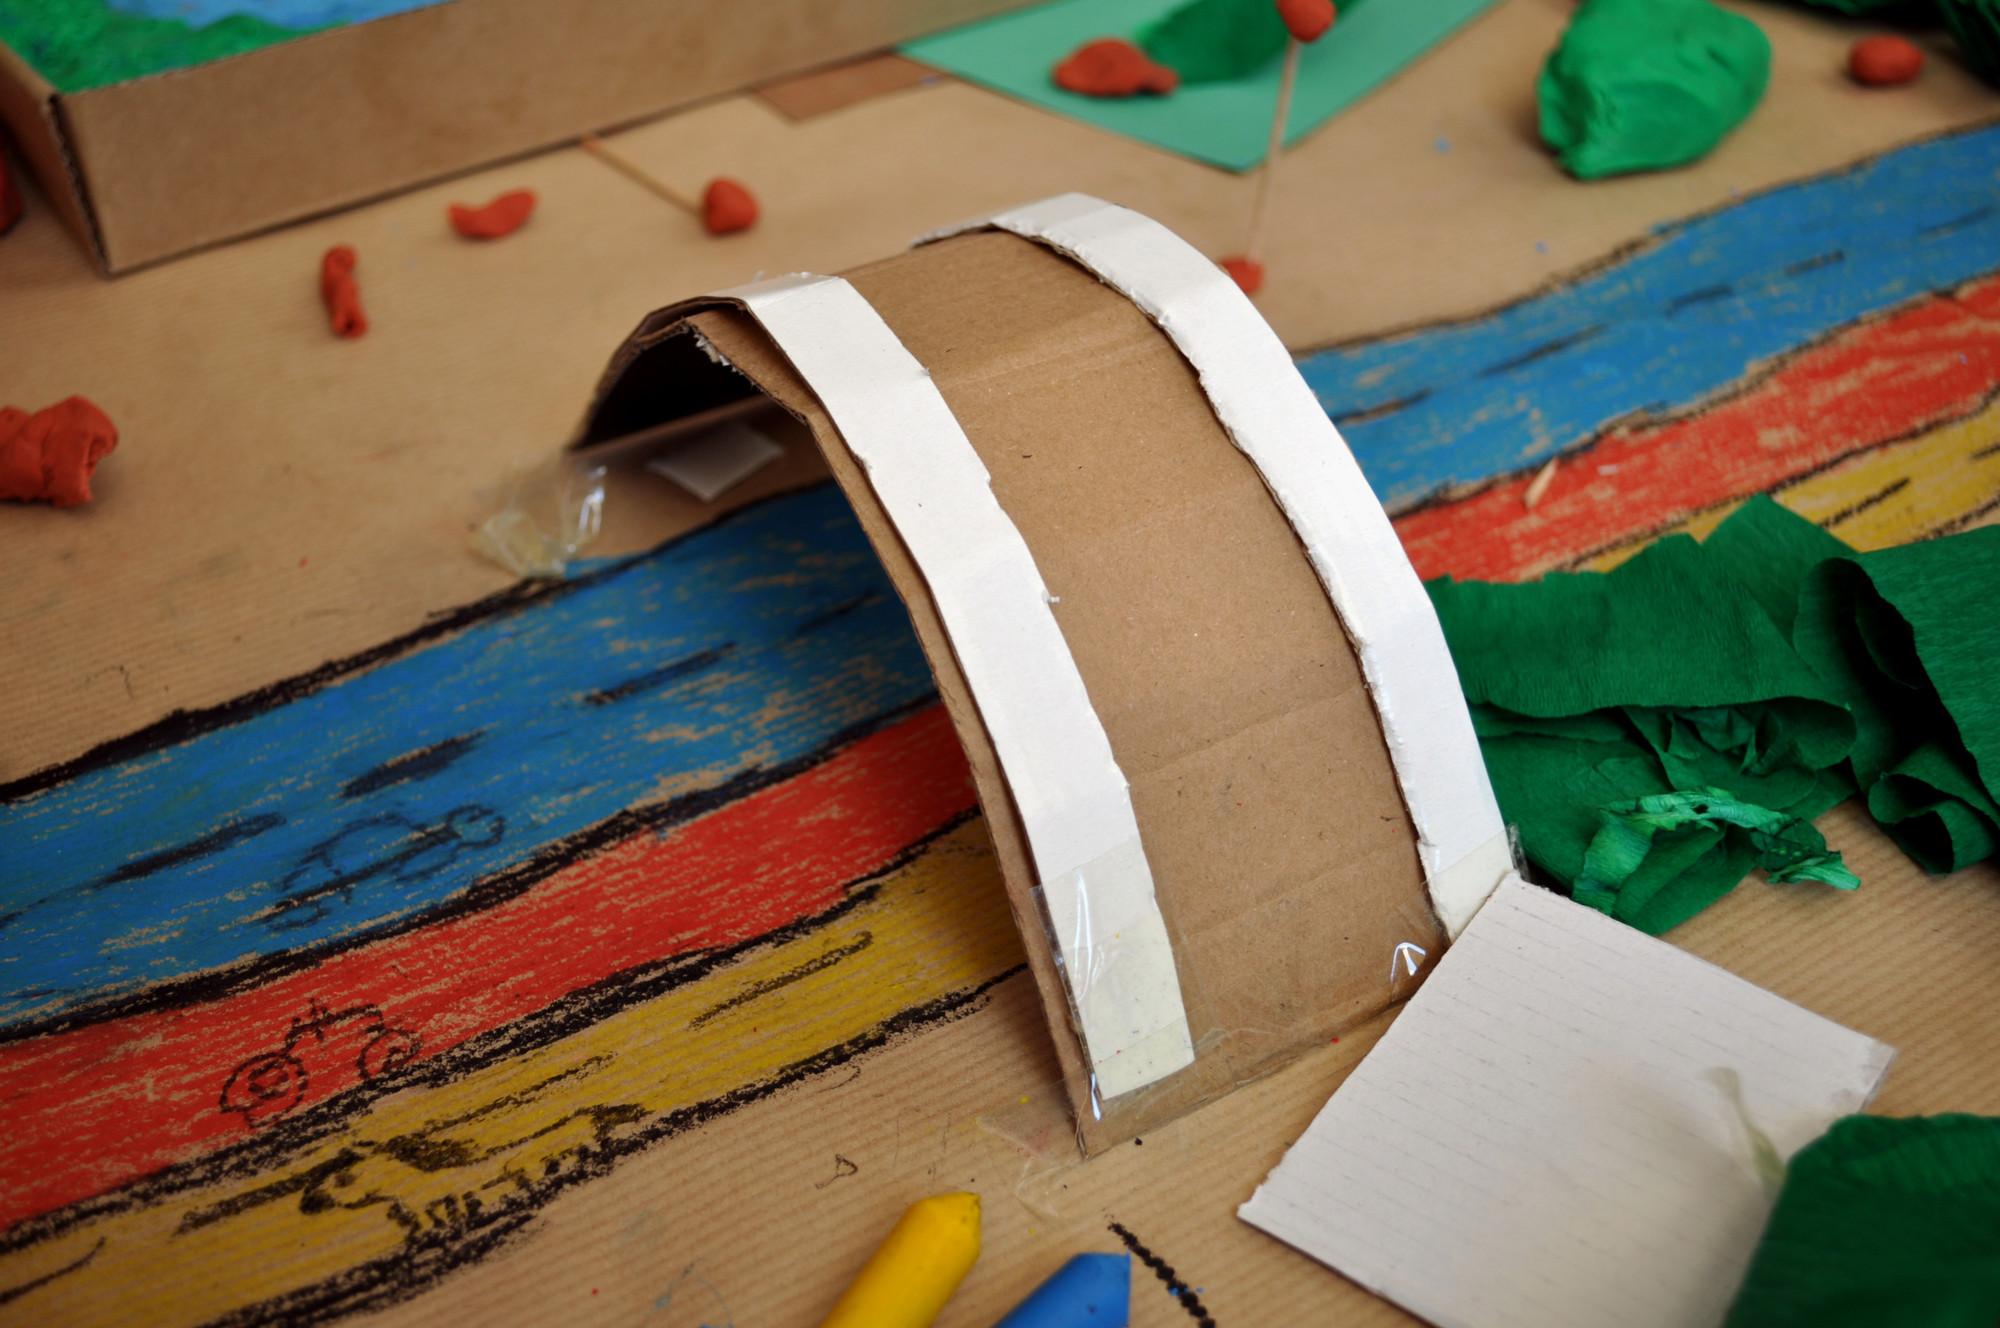 Ciudad Sostenible: propuesta de Julia, 9 años. Image © Chiquitectos